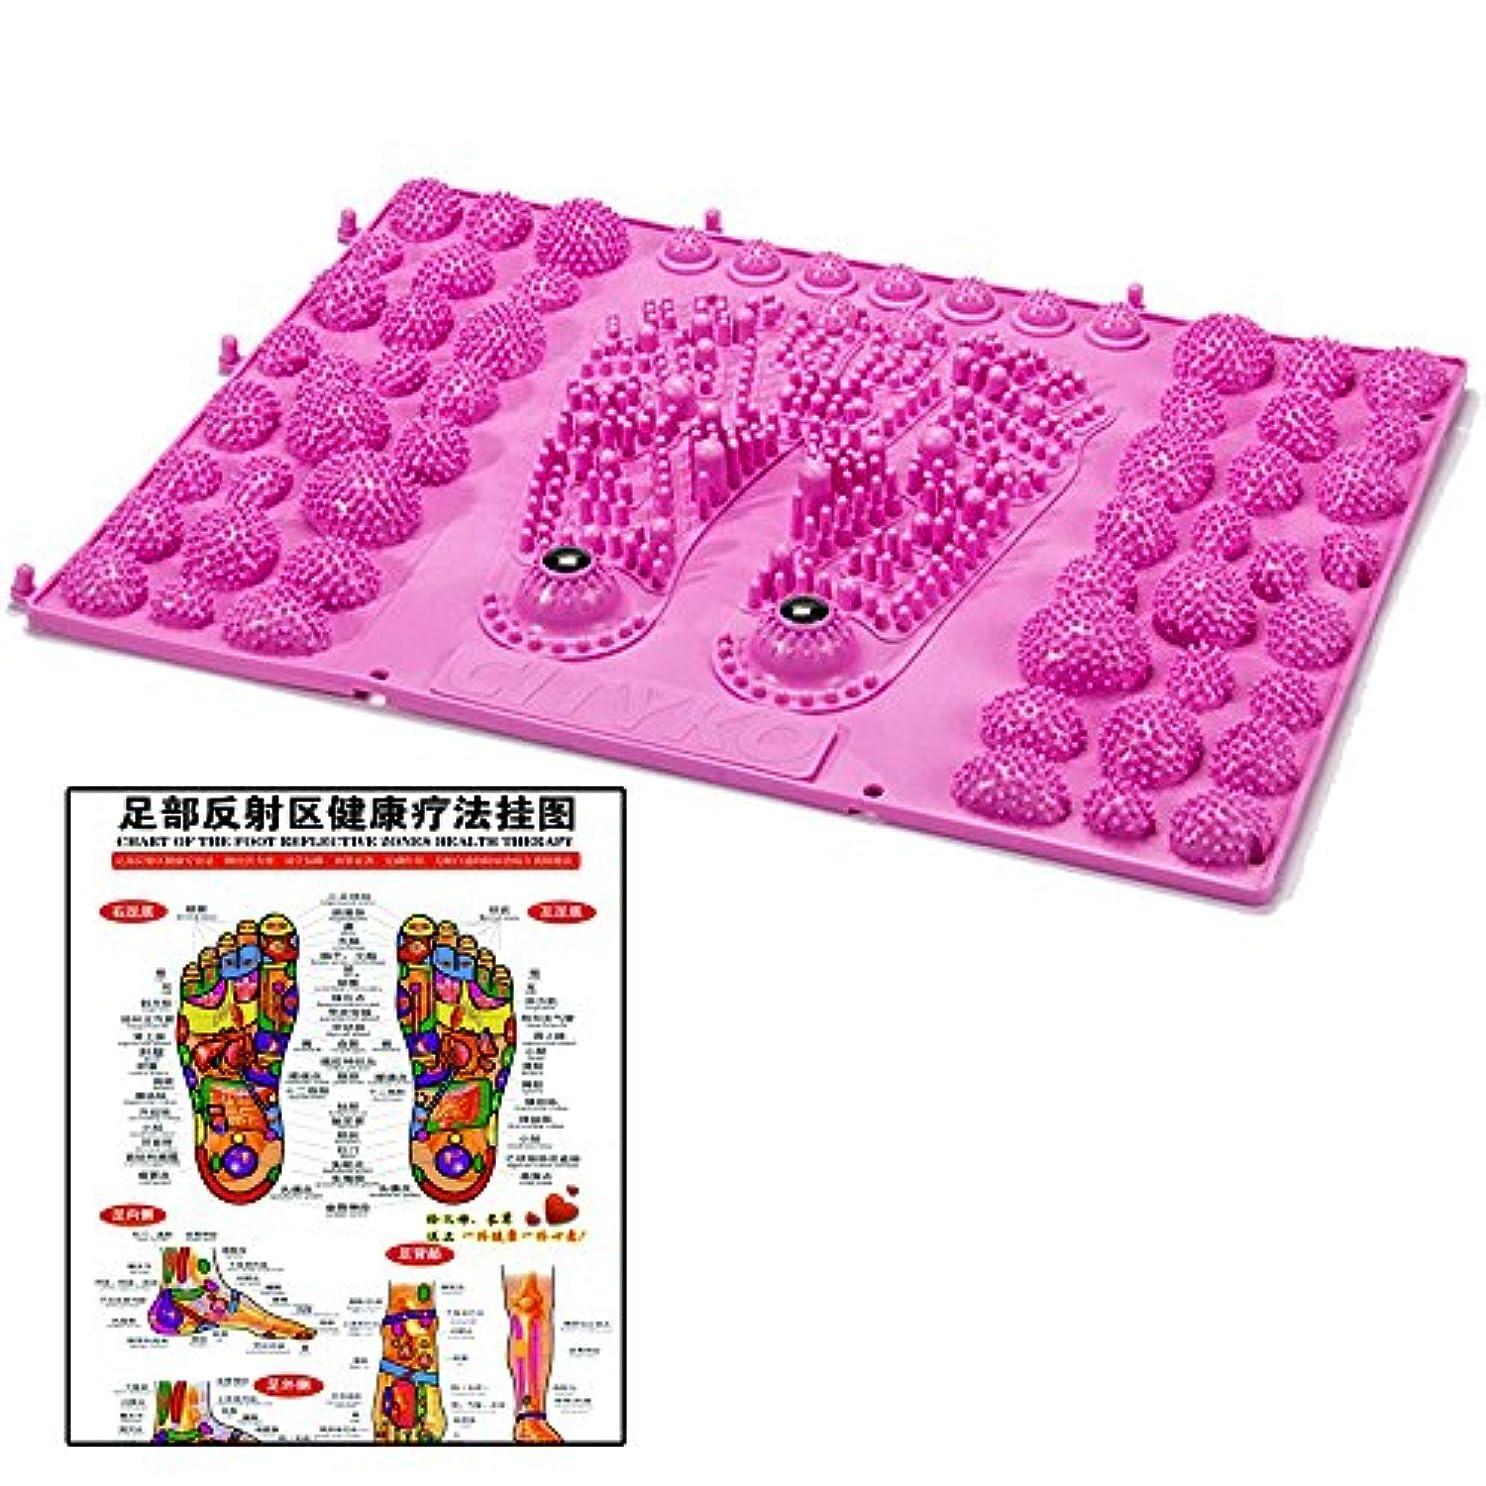 事務所オピエート比類なき(POMAIKAI) 足型 足ツボ 健康 マット ダイエット 足裏マッサージ 反射区 マップ セット (ピンク)